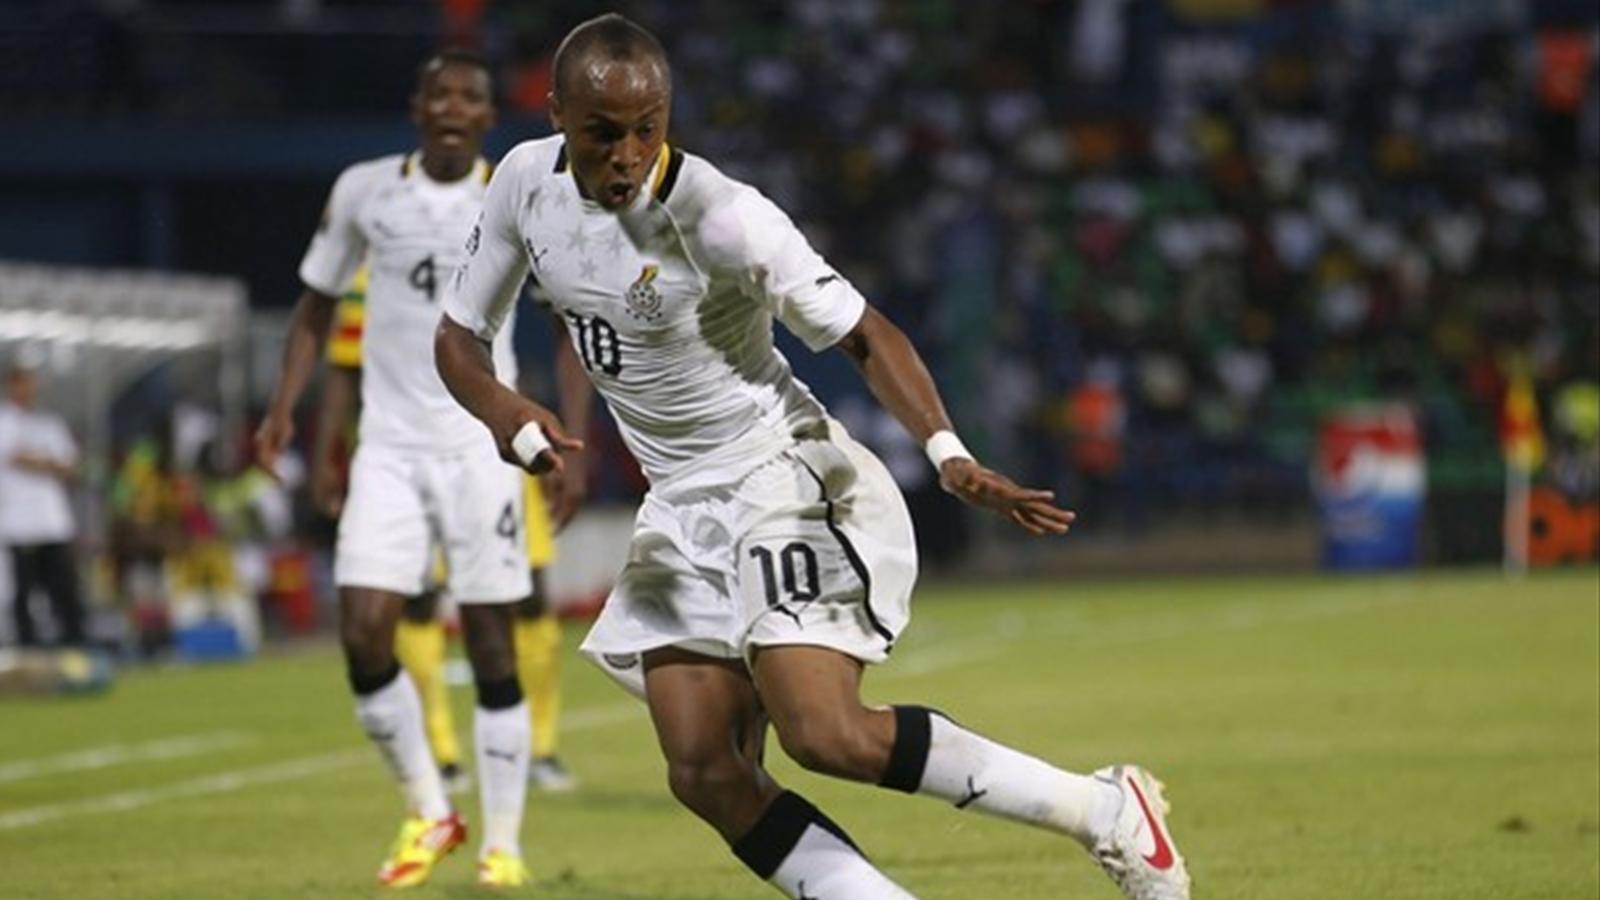 Ghana tunisie en direct coupe d 39 afrique des nations 2012 - Regarder la coupe d afrique en direct ...